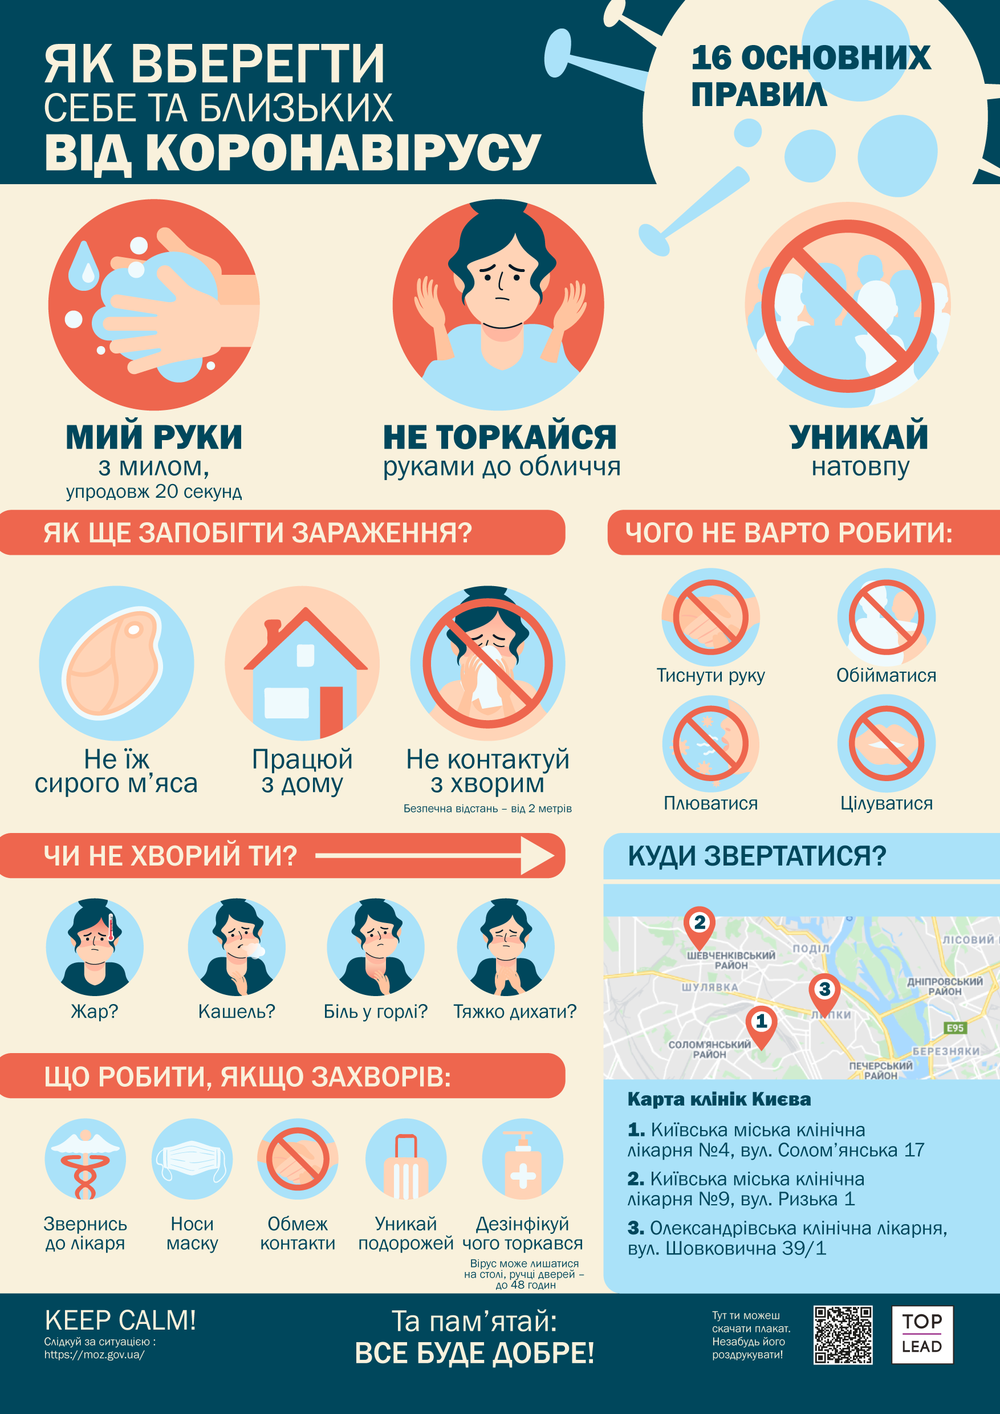 інфографіка про коронавірус